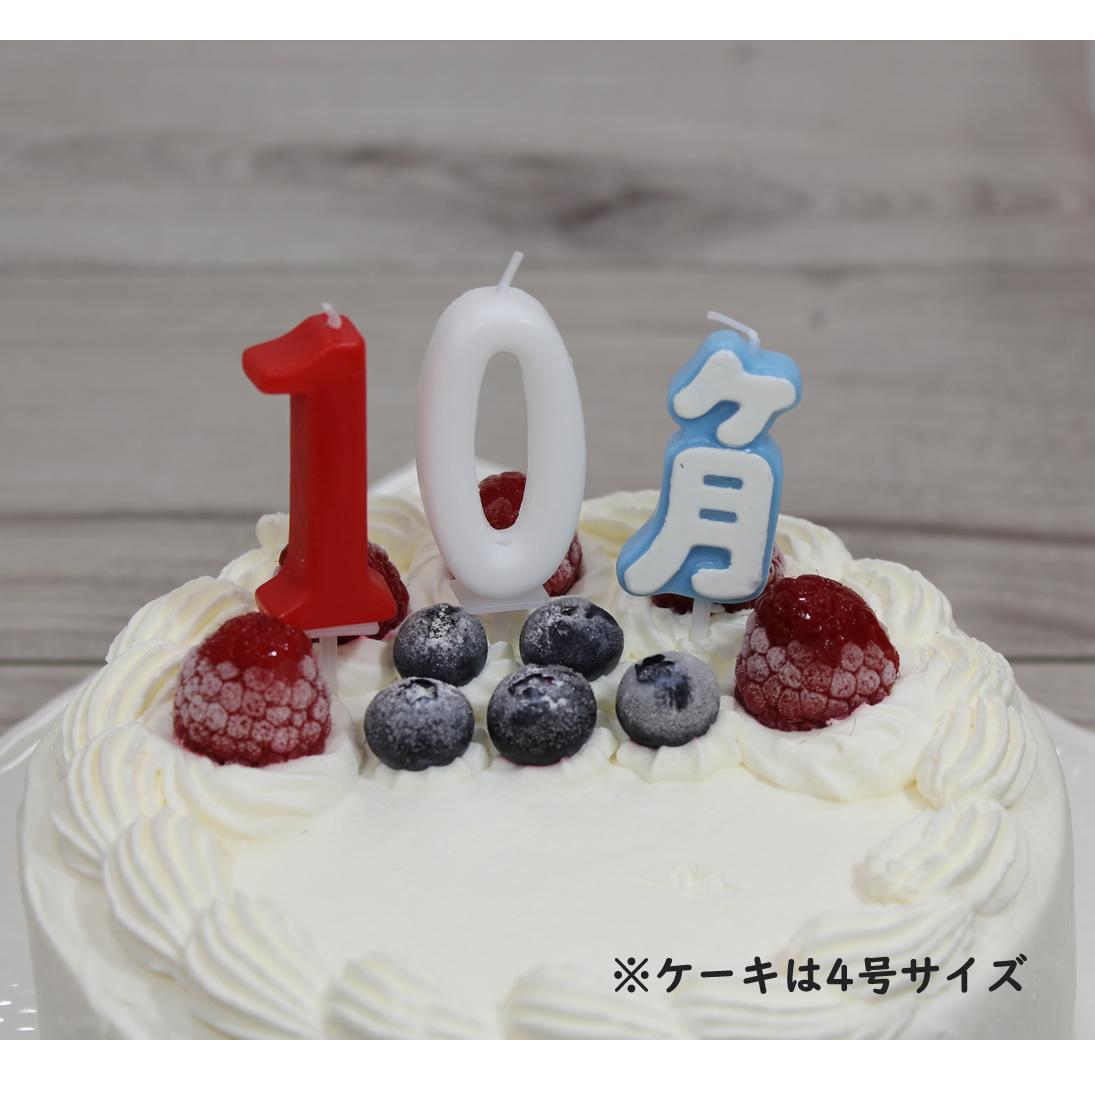 ナンバーキャンドル 0 ホワイト(ケーキとのセット販売のみ)